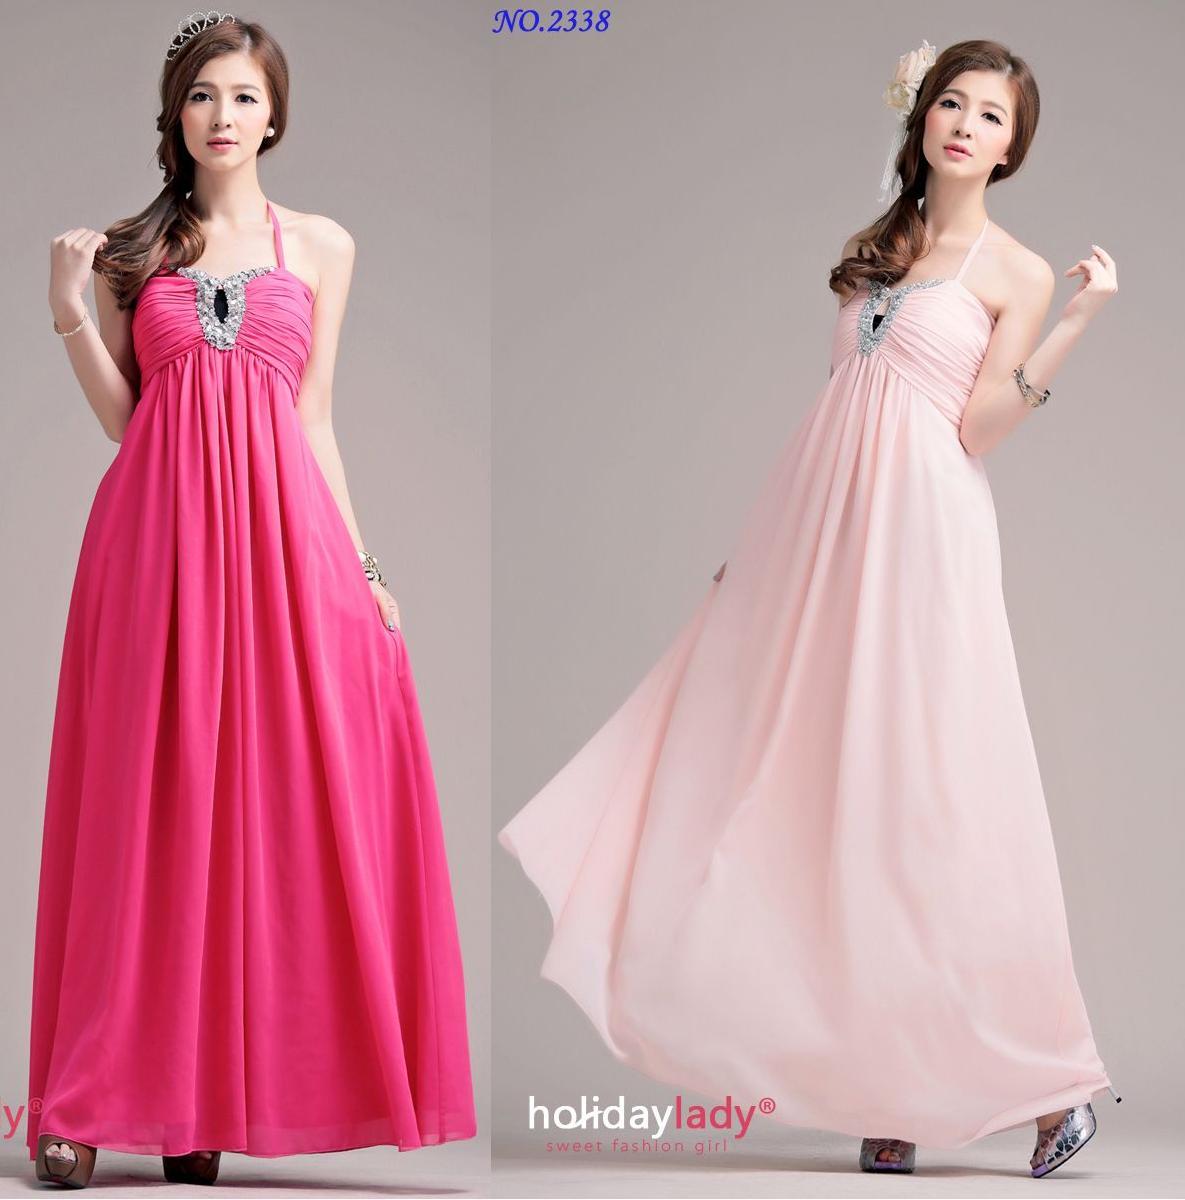 天使嫁衣【HL2338】2色複合絲美胸綁帶長洋裝禮服˙預購訂製款